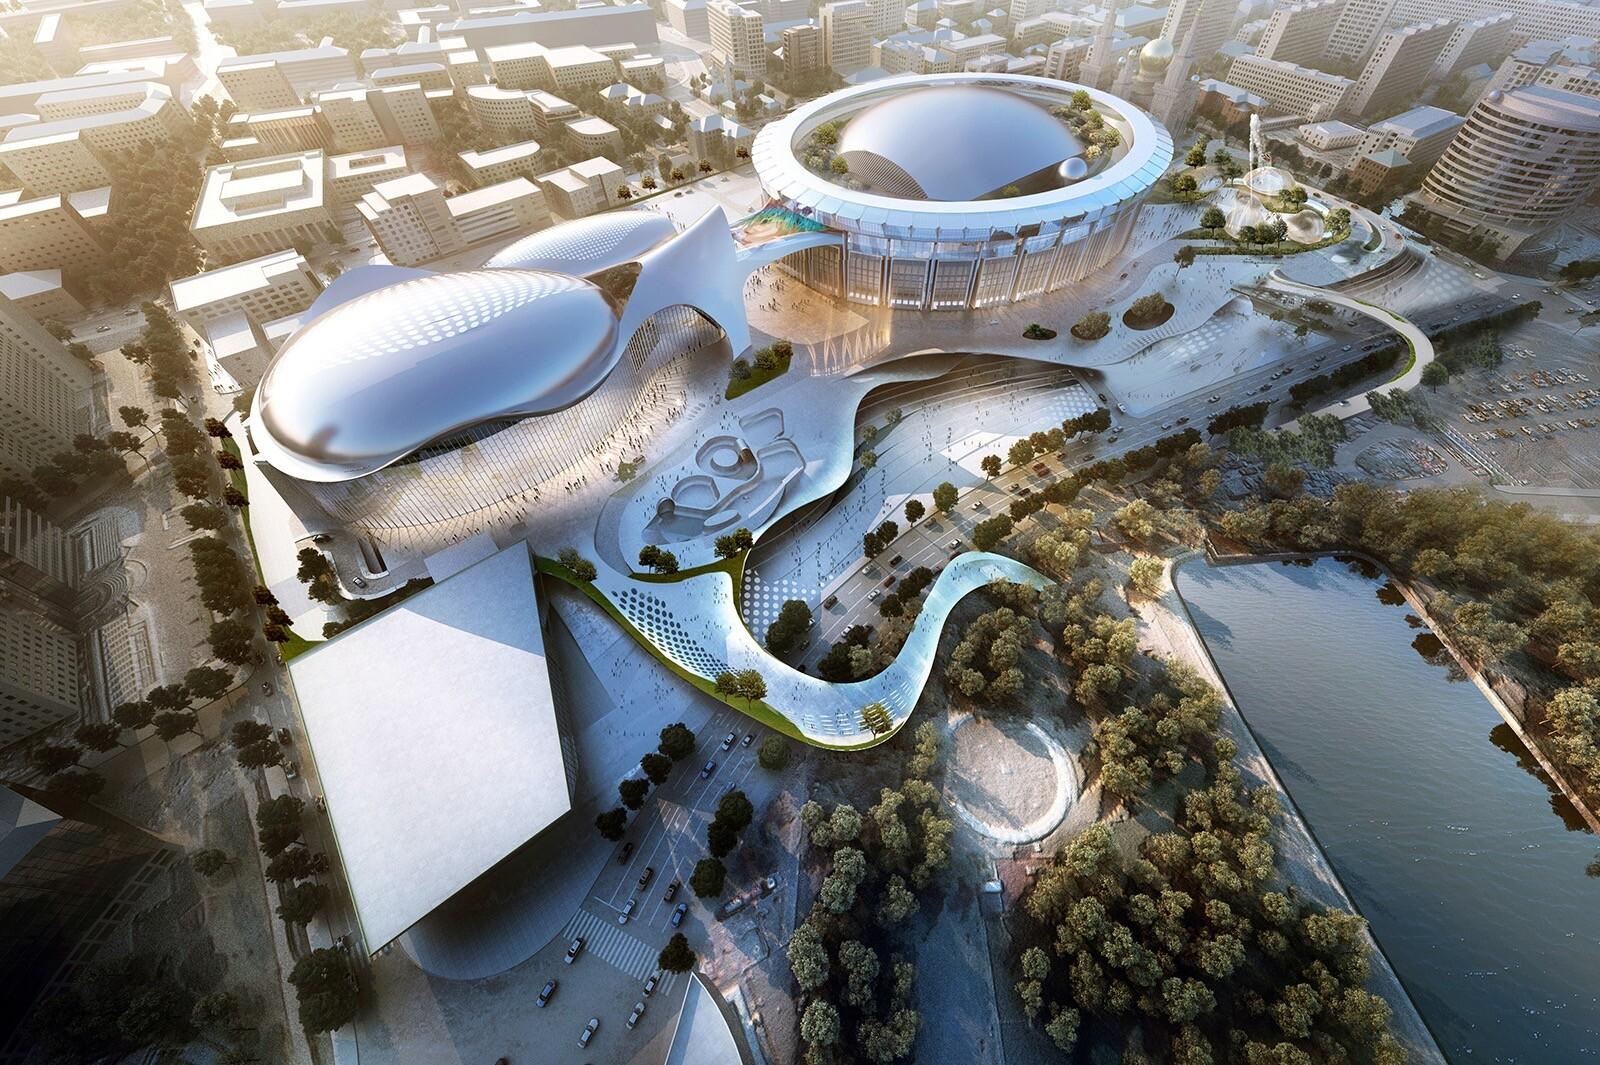 Новый купол, планетарий и дайвинг-центр: как будет выглядеть «Олимпийский» после реконструкции